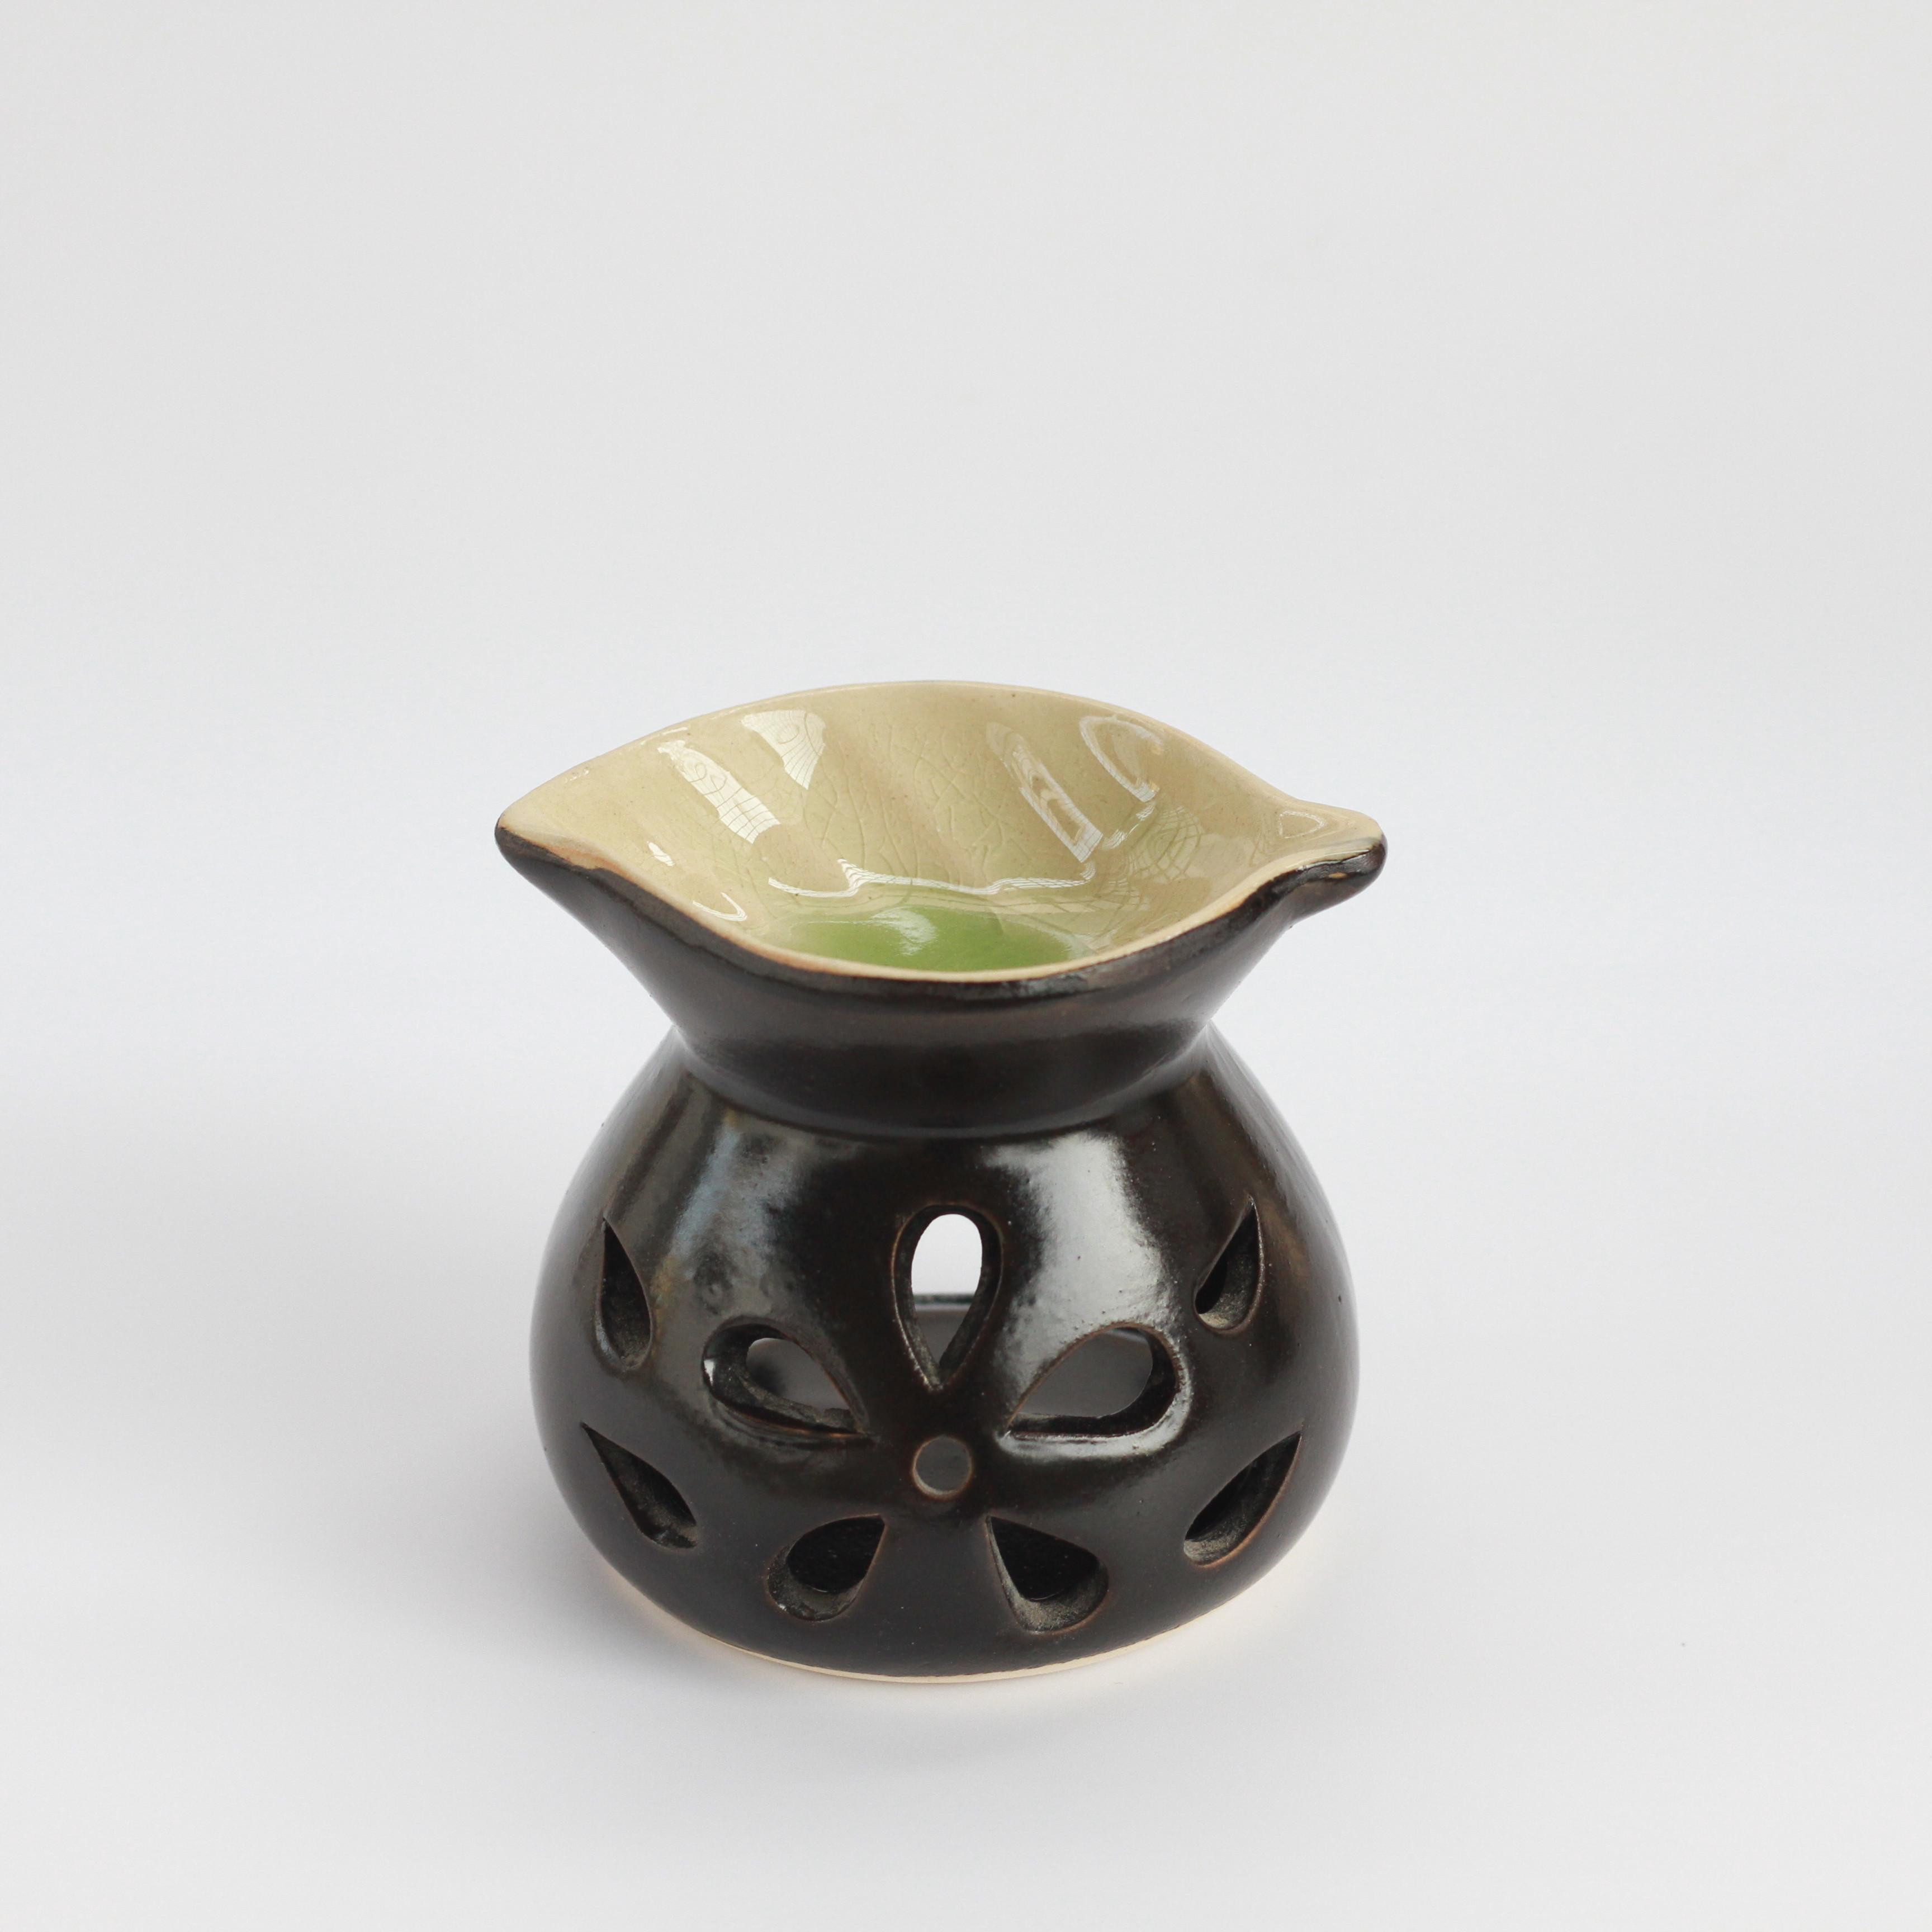 Đèn nến xông tinh MD010 Kepha. Đèn nến hình tròn, đĩa đựng tinh dầu hình chiếc lá. Gốm sứ bát tràng cao cấp